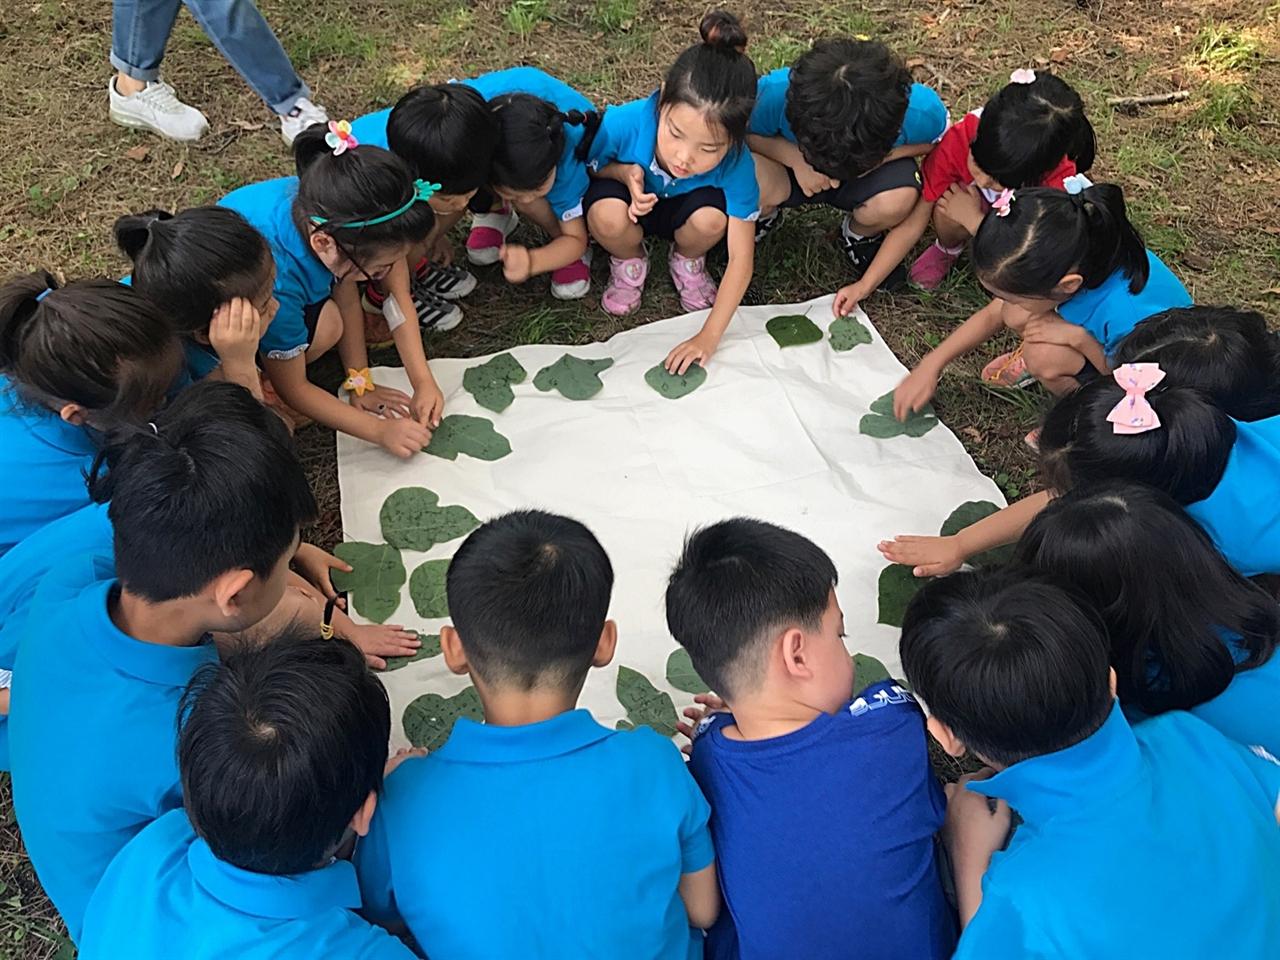 서천 송석초 병설유치원 유아들이 학교 주변에 있는 희리산에서 숲 체험을 하고 있다. 이 유치원은 원아가 모두 4명이다. 하지만 숲 체험 거점 학교를 운영하면서 인근 유치원 또래 친구들과 공동 수업을 하고 있다.